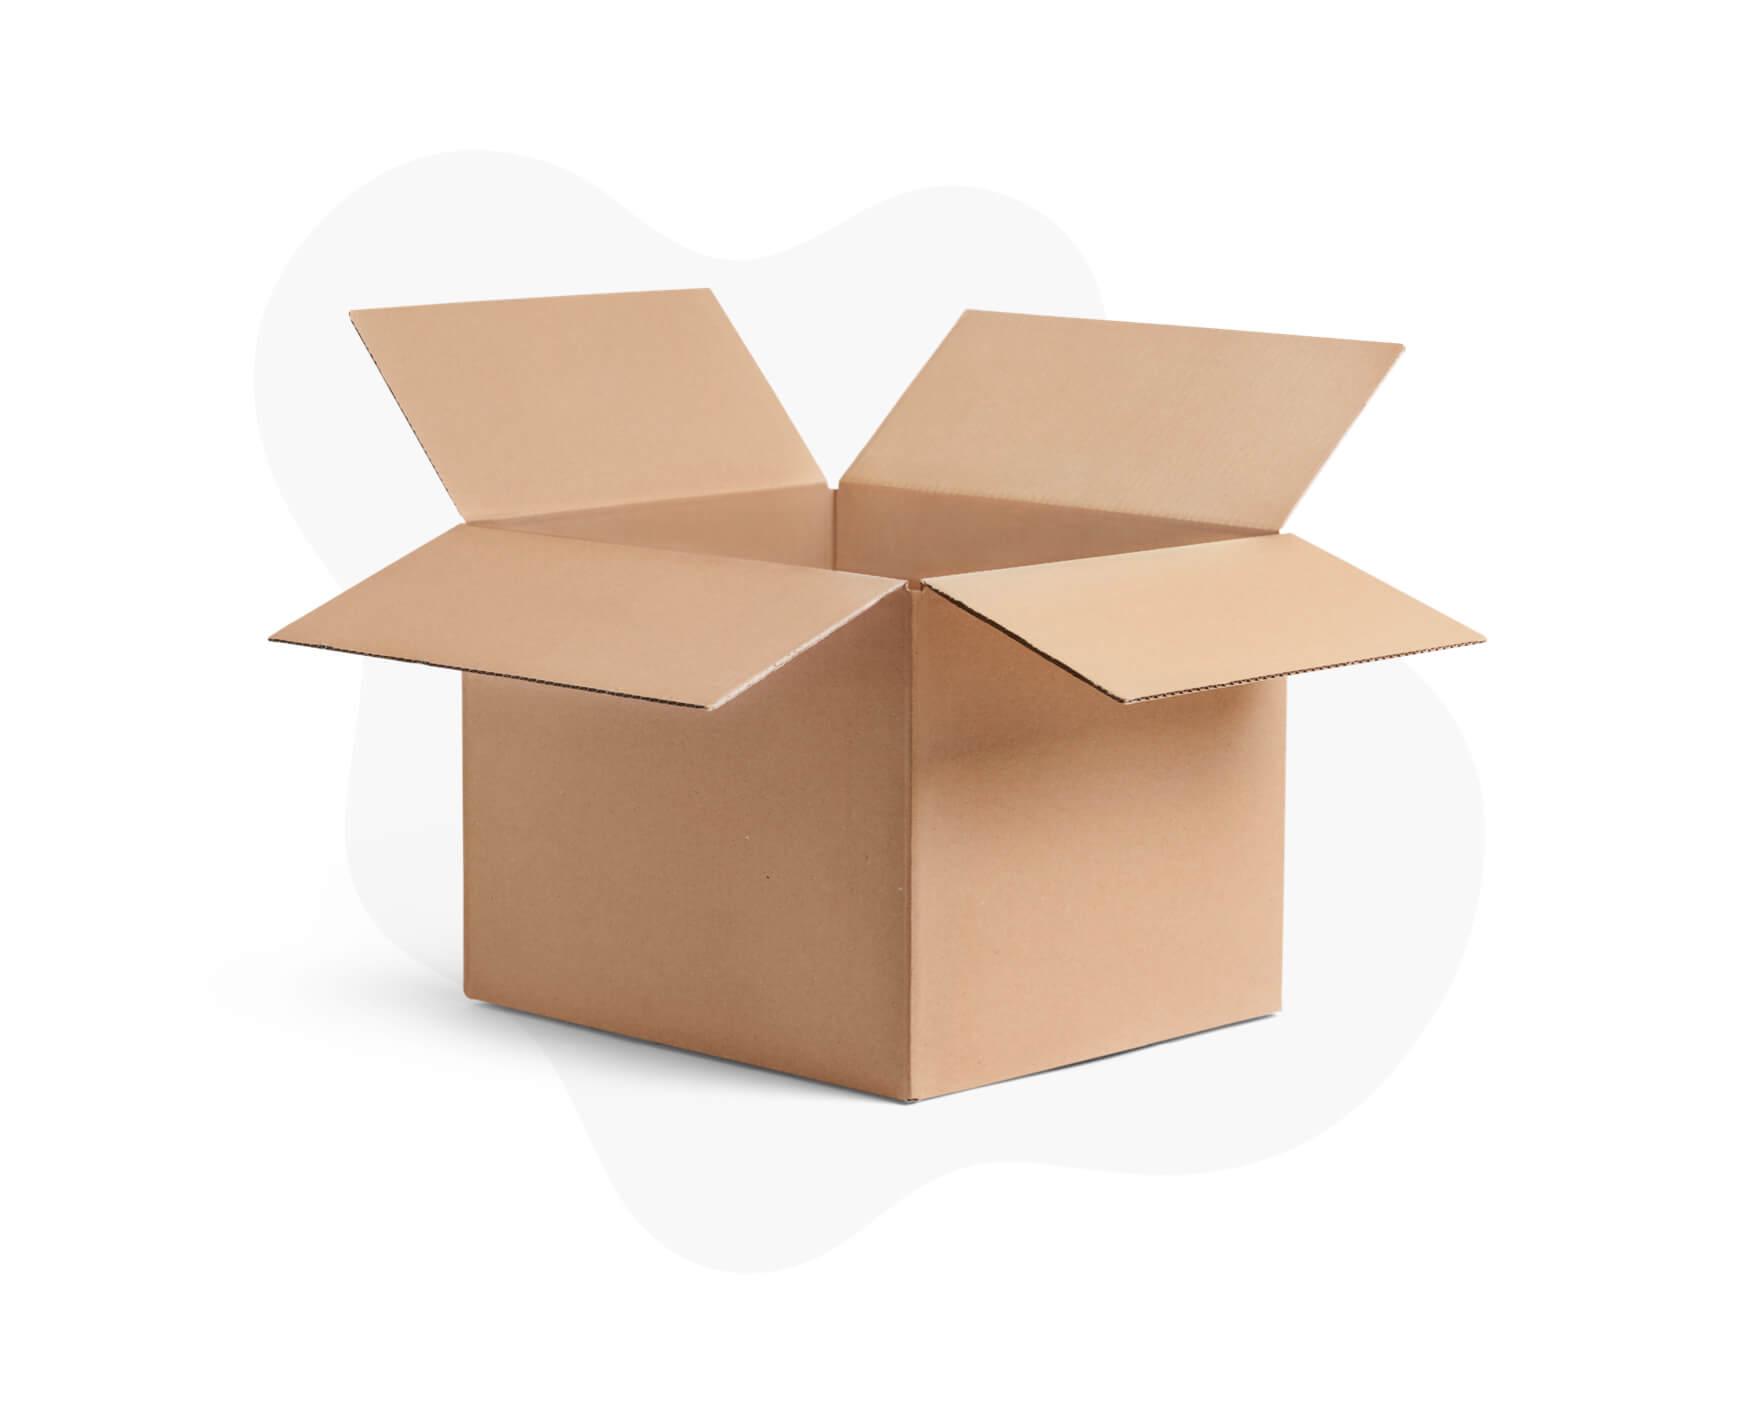 801707630b68 Cajas para envíos de cartón - perfectas para logística de PYMES ...